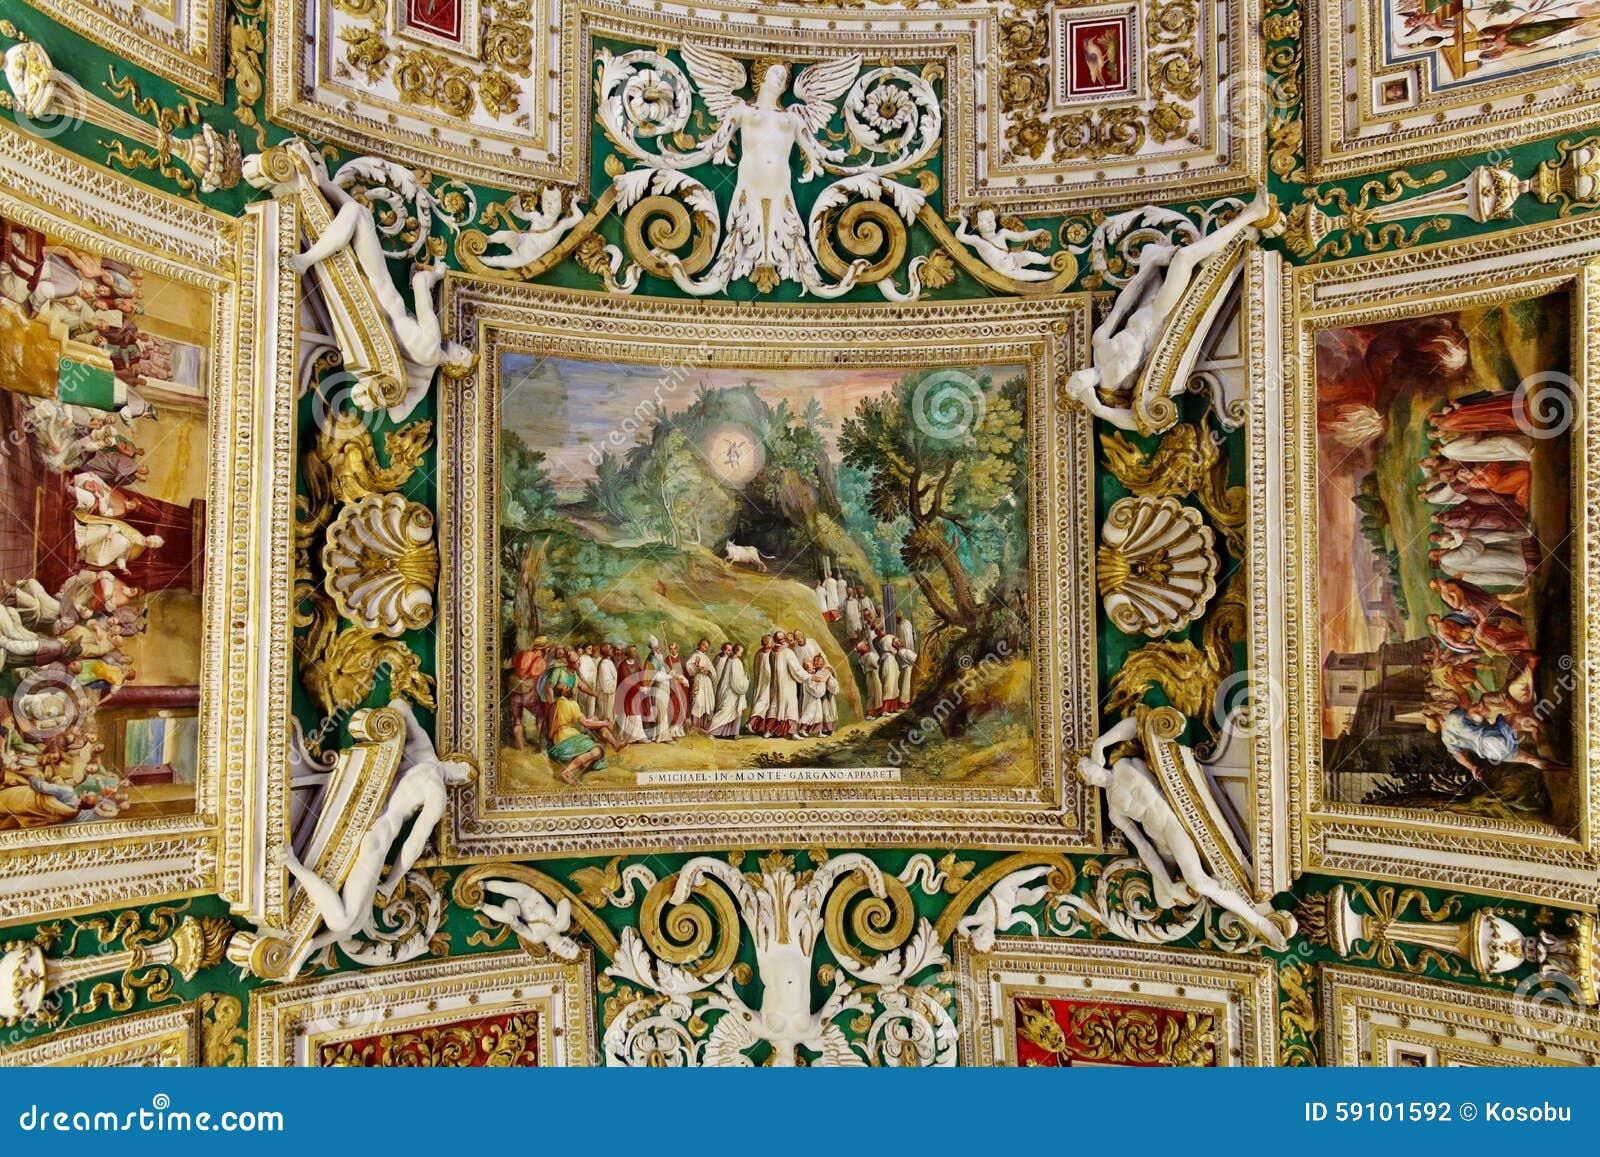 梵蒂冈博物馆的画廊内部梵蒂冈的, R